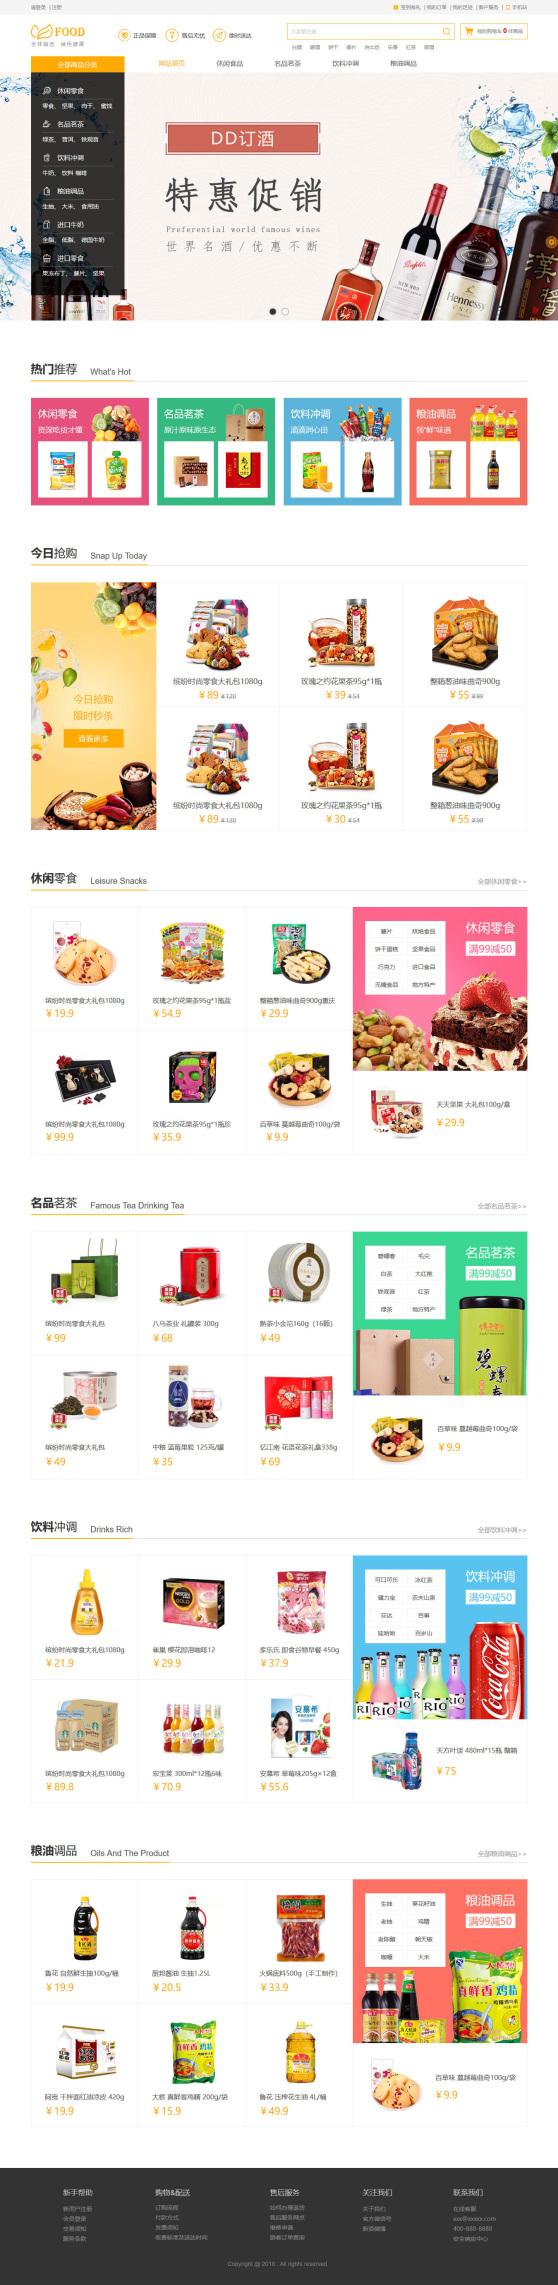 小清新食品酒茶购物商城模板